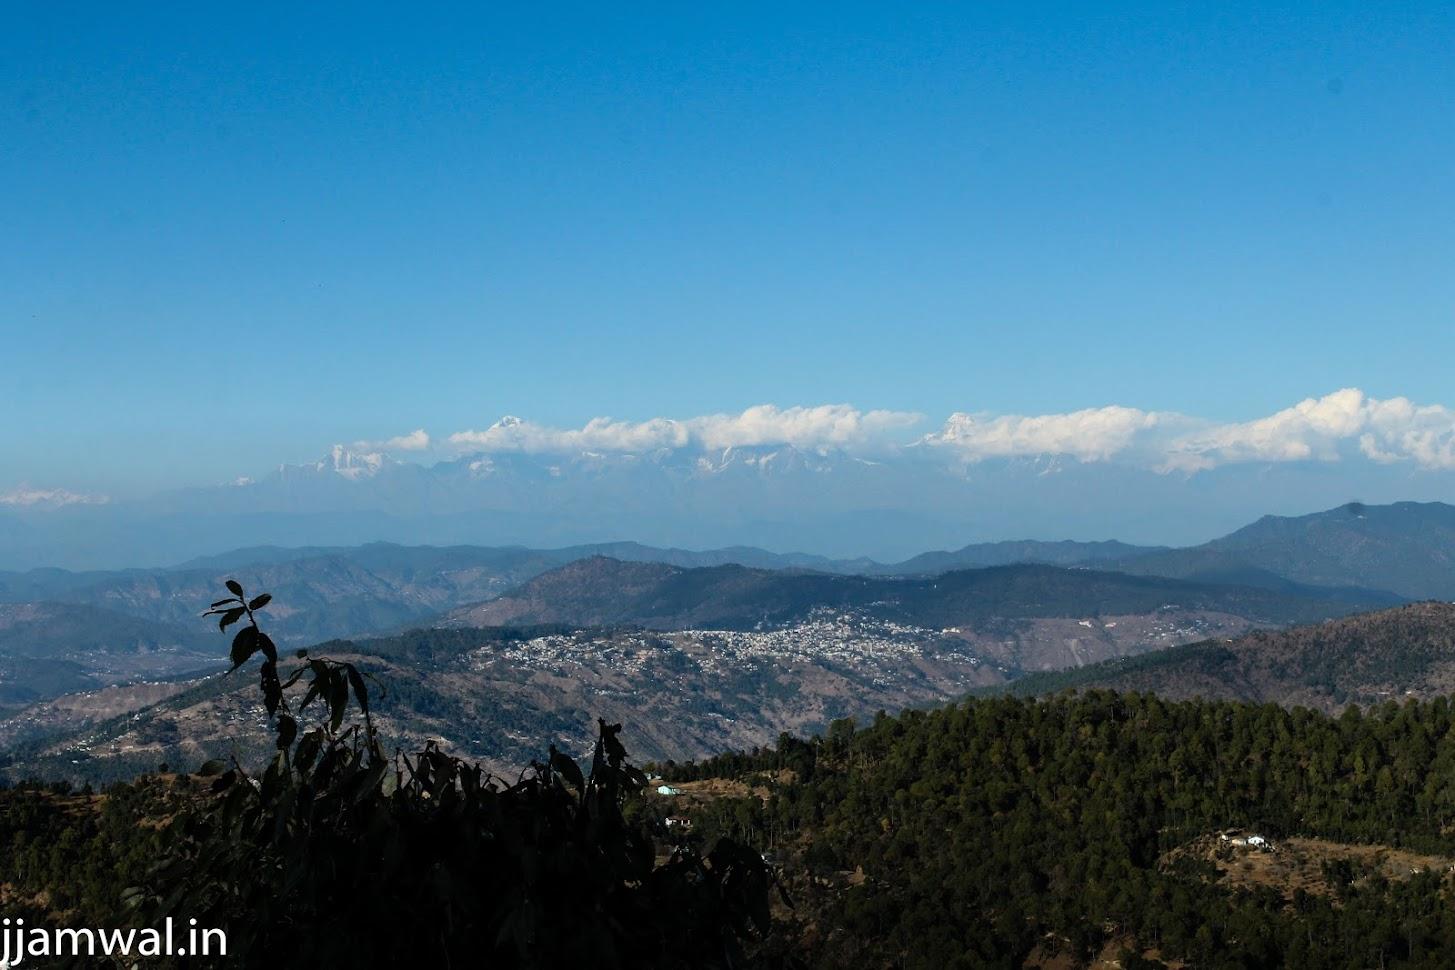 View from gusht house in Sitla near Mukteshwar